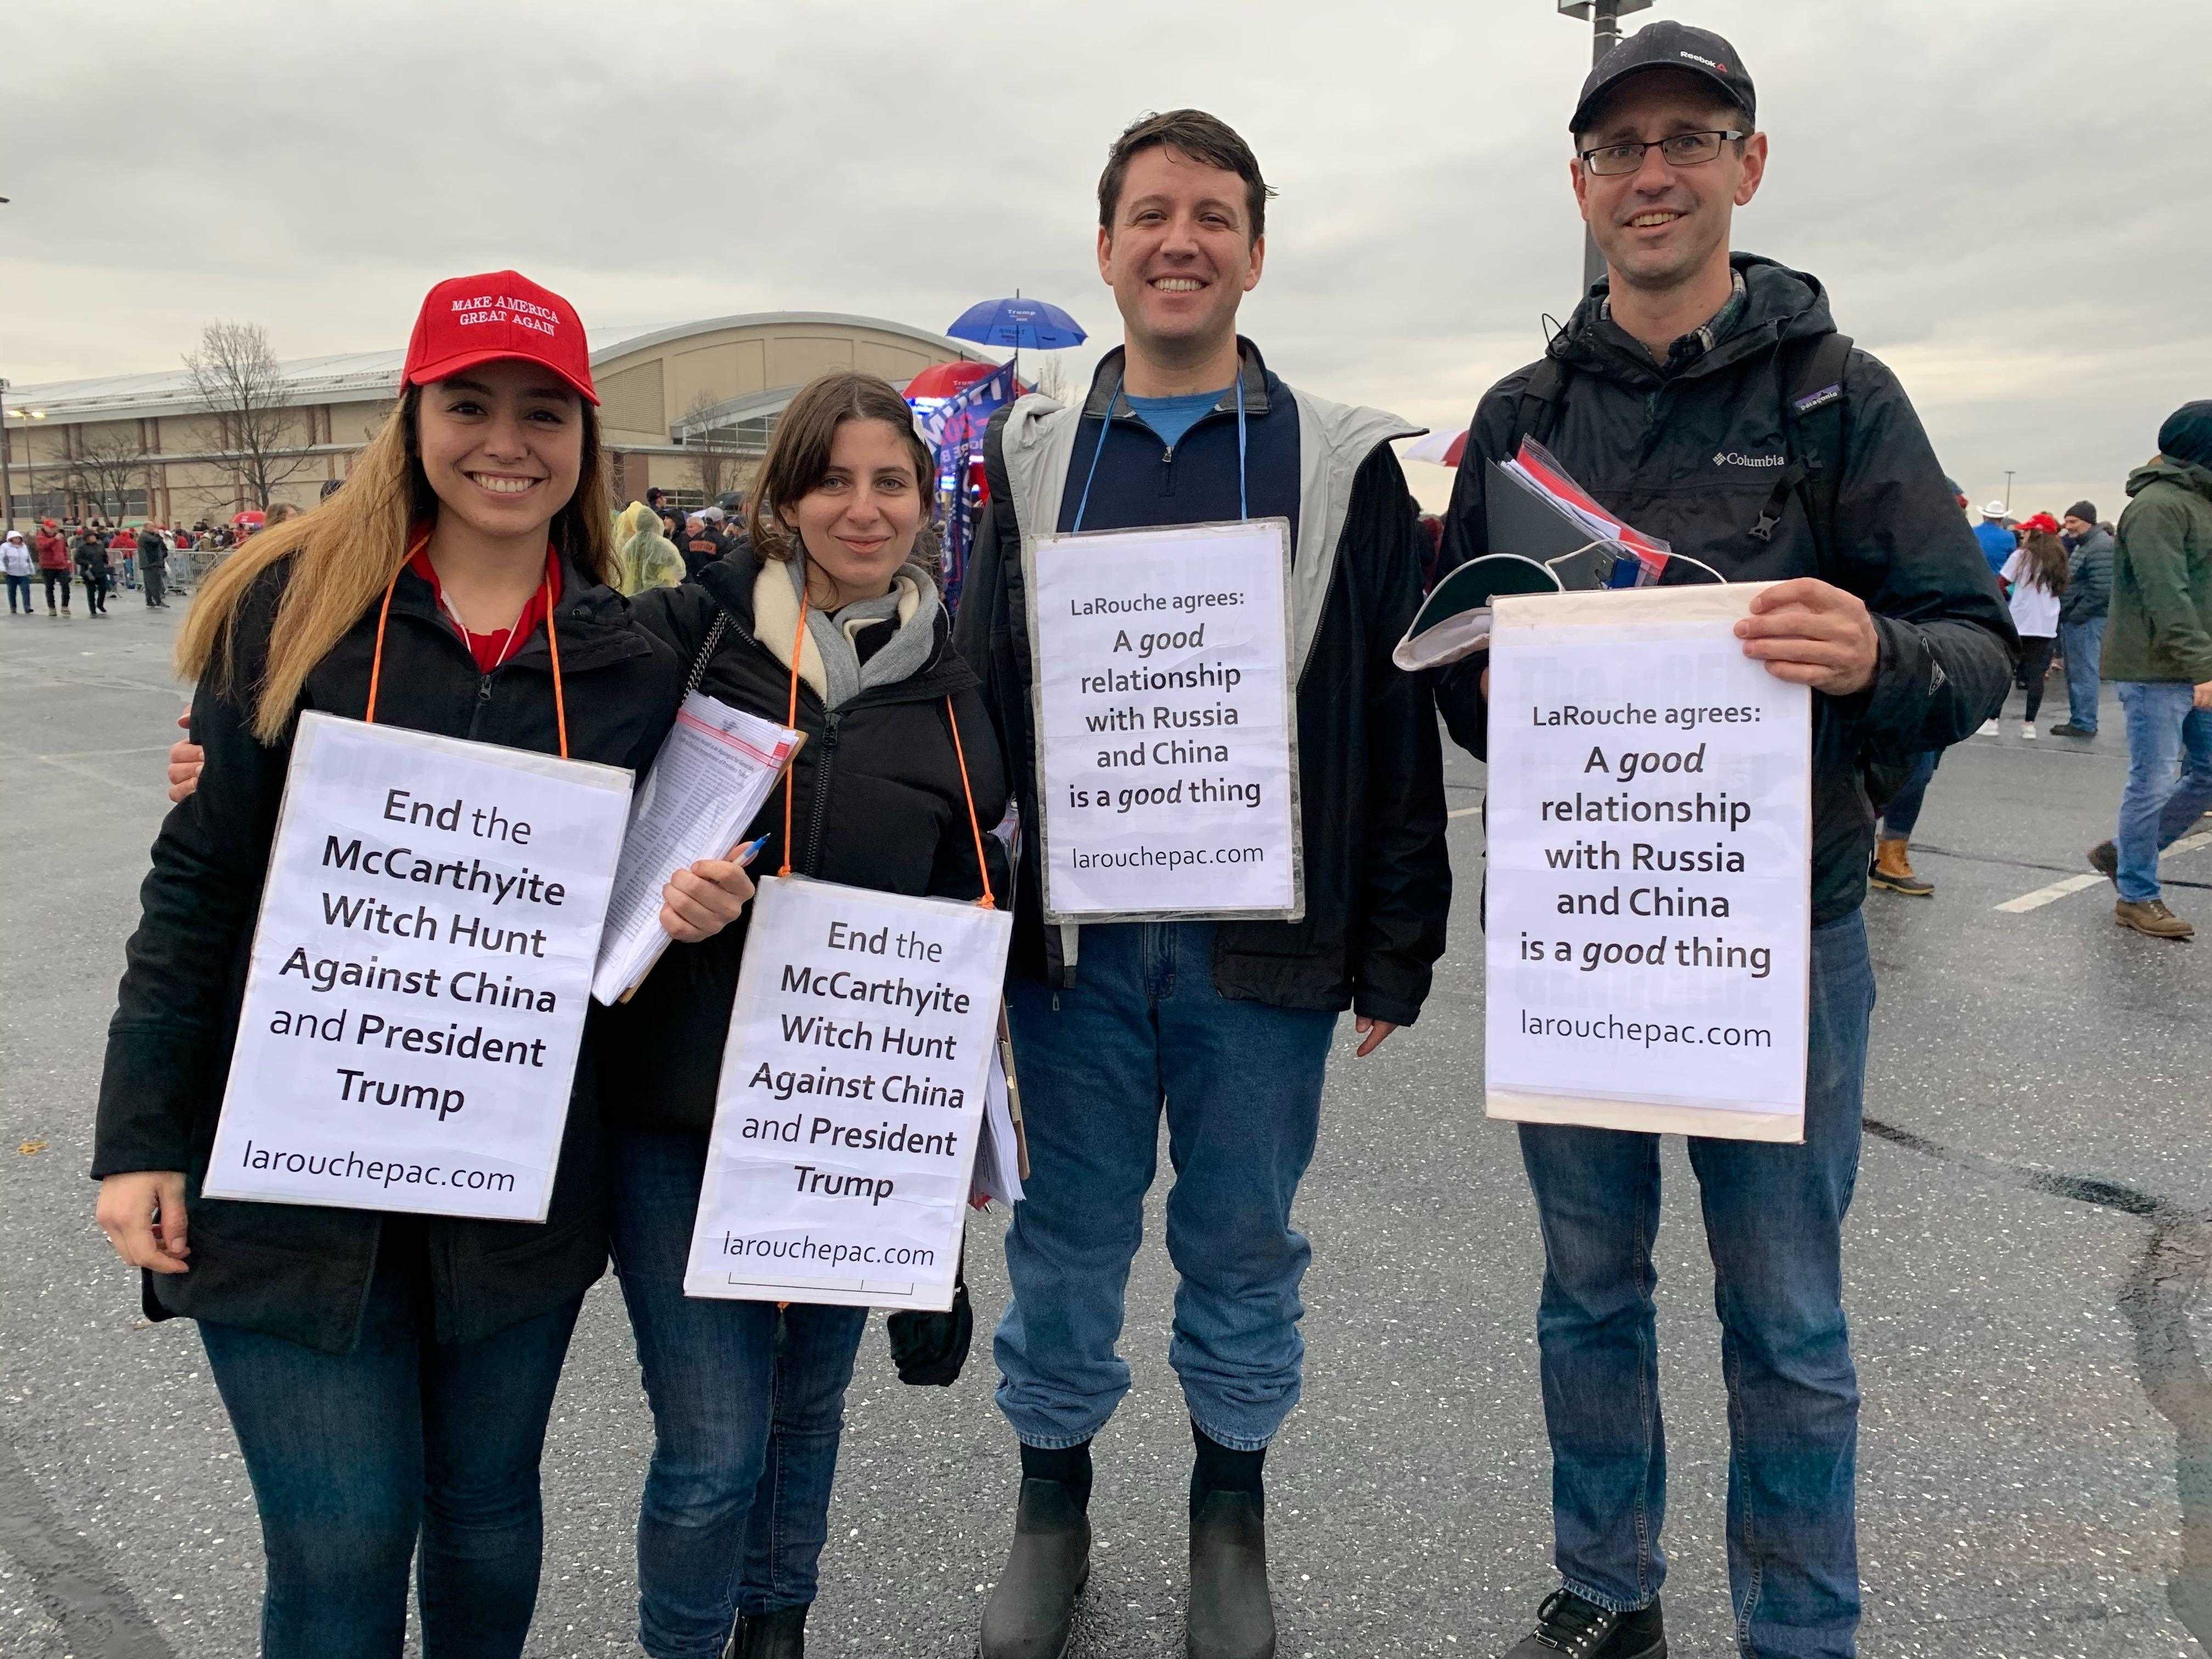 LaRouchePAC organizers at Trump Rally in Hershey, PA